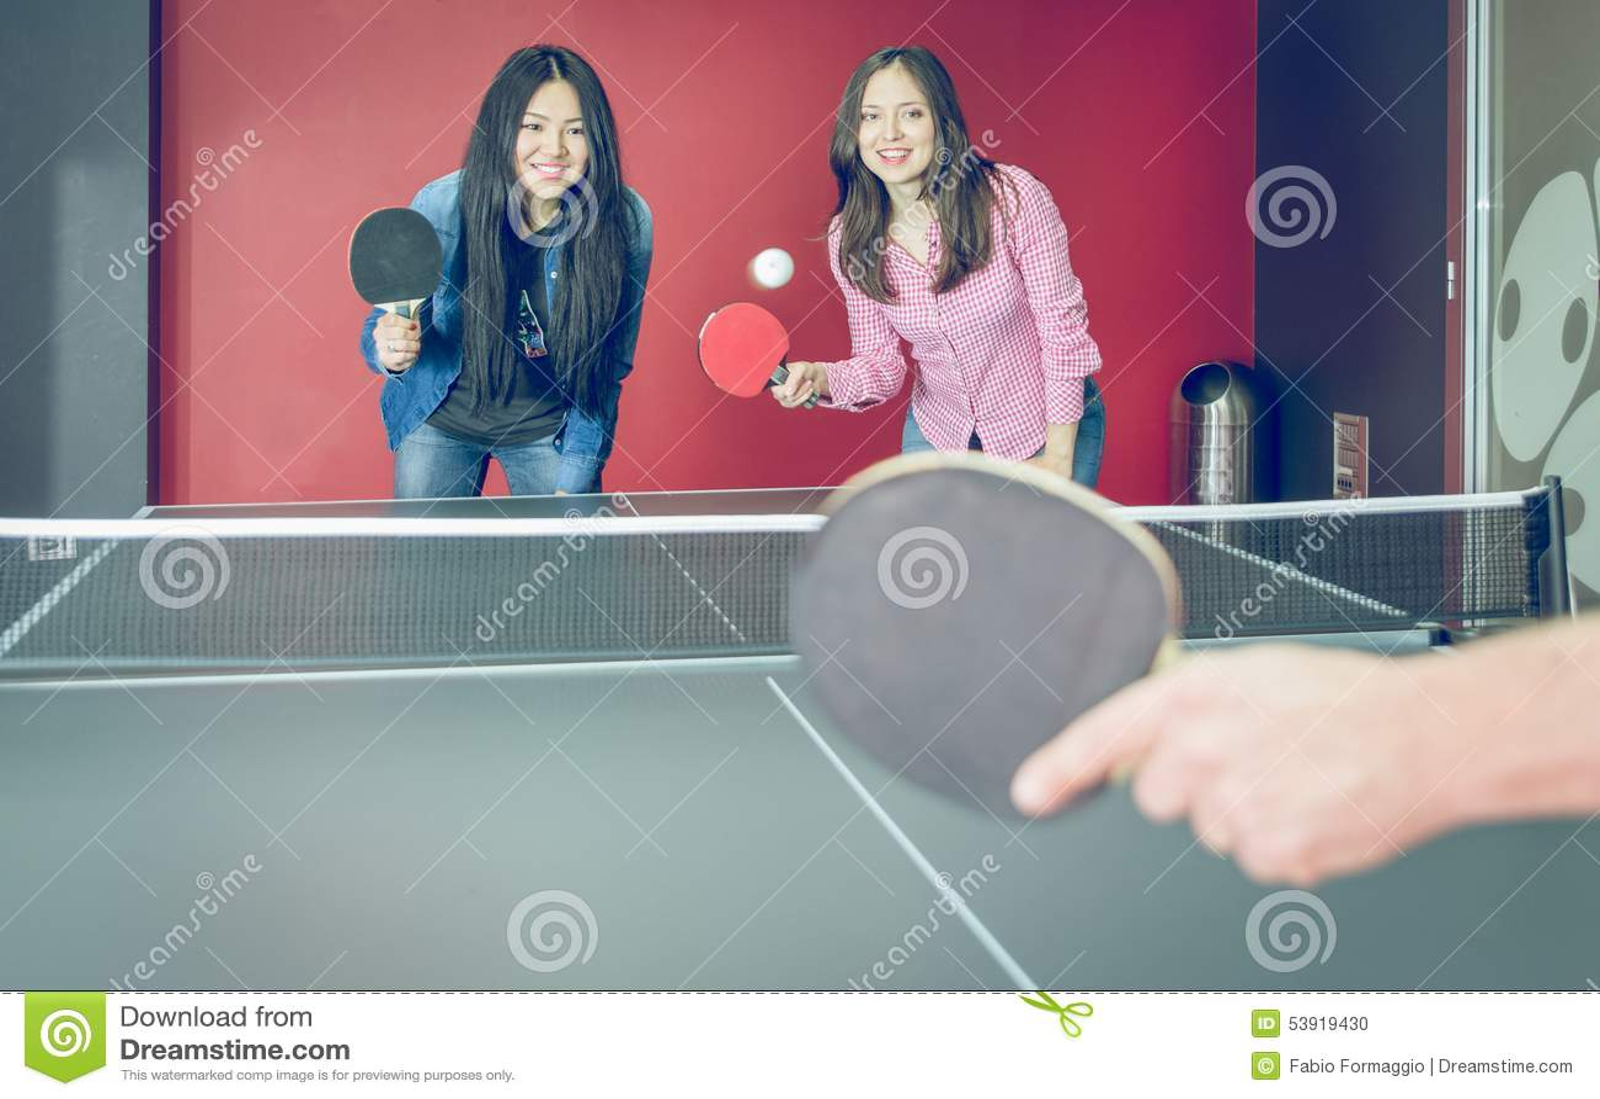 Stołowego tenisa dopasowanie dla zabawy